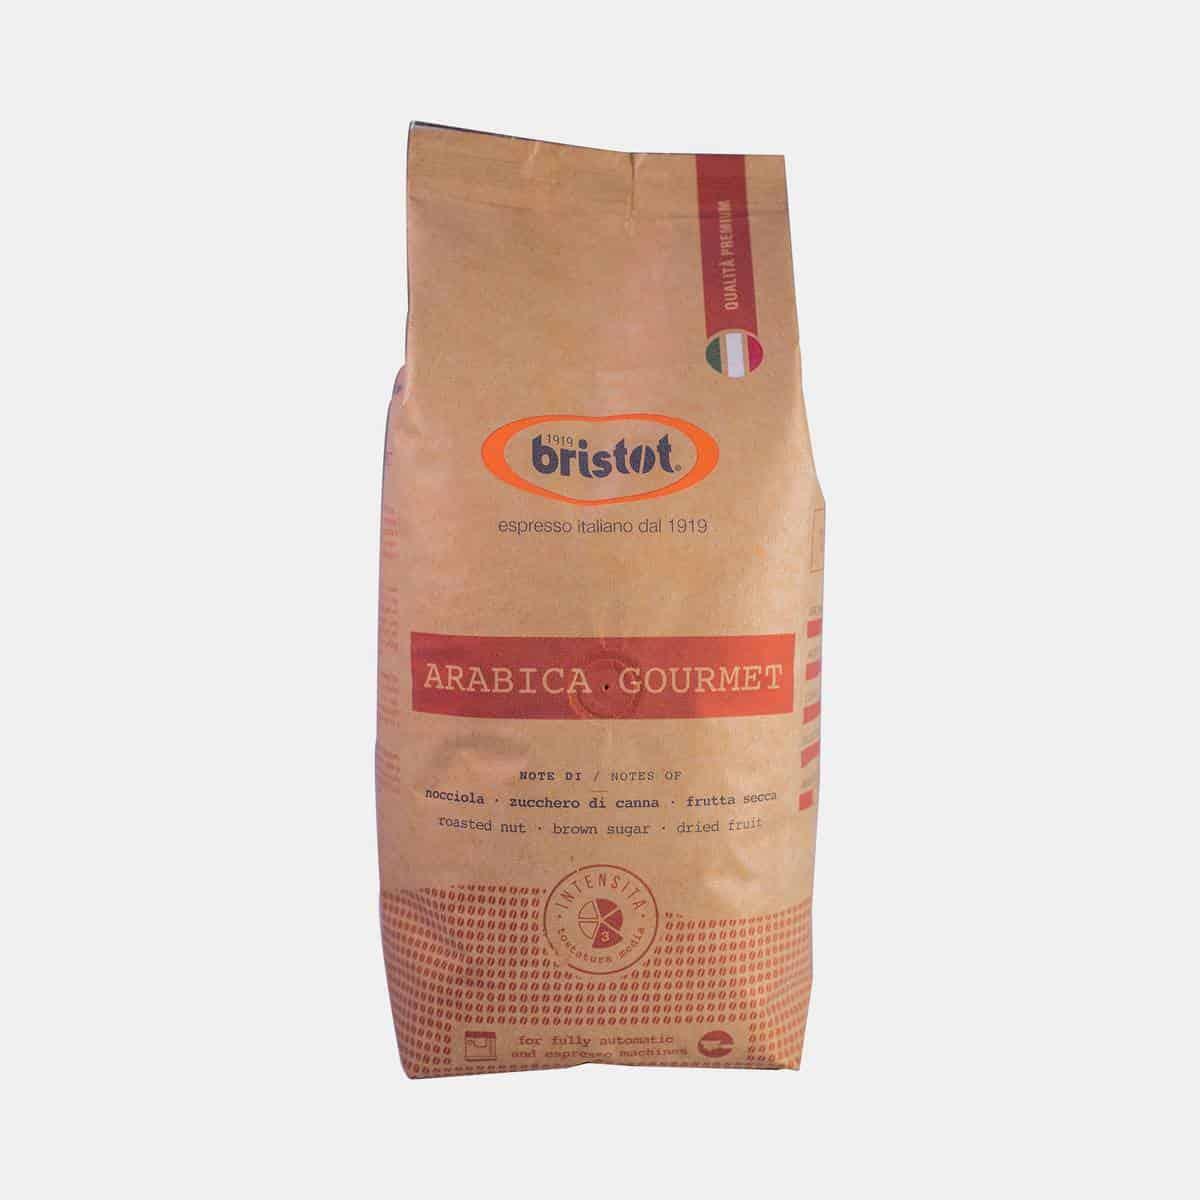 Bristot Arabica Gourmet Espresso Paper Bag